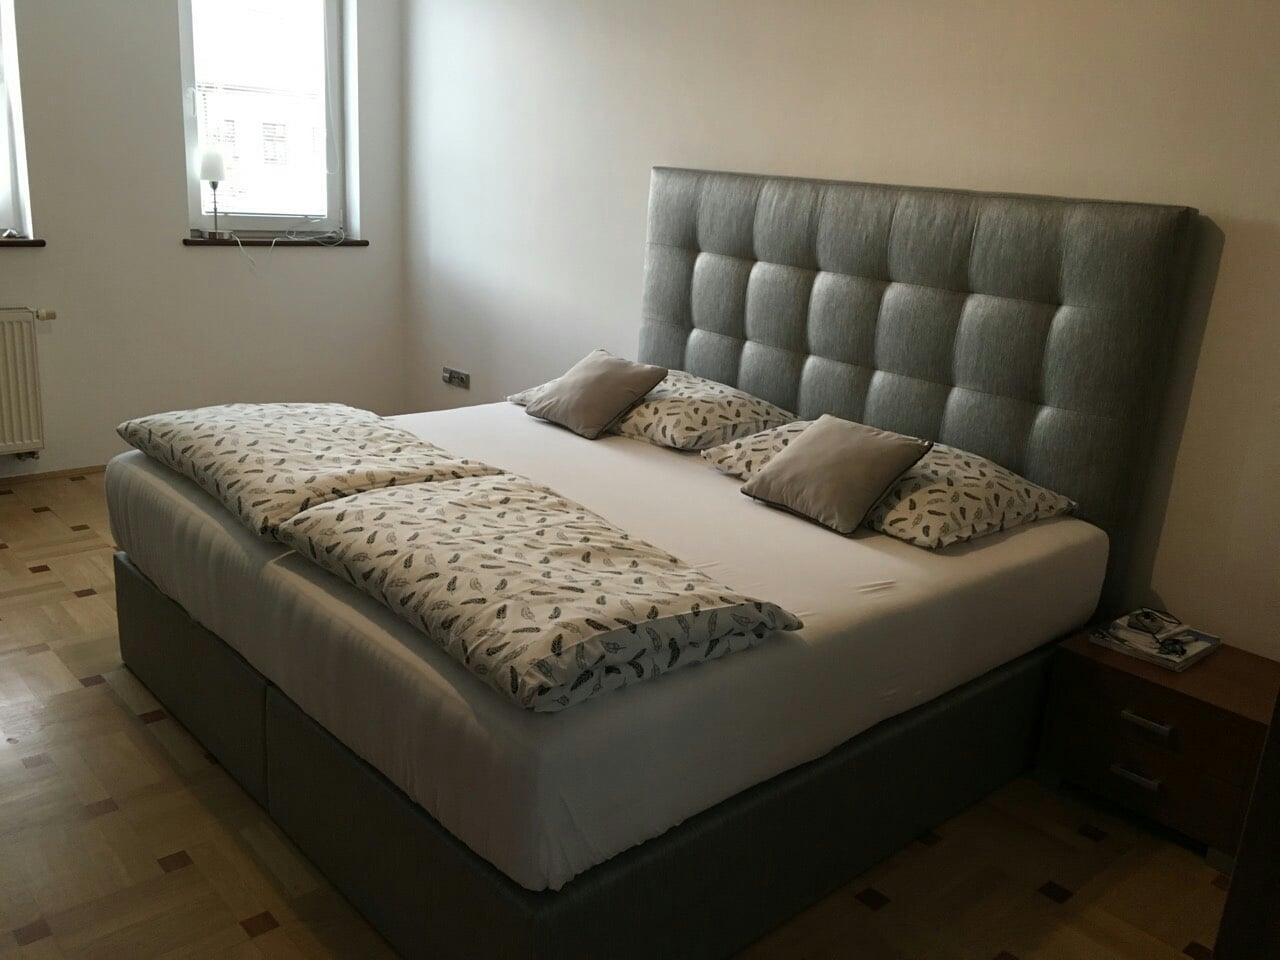 Štýlová posteľ Soft vo verzii Springbox. Rozmer 200x200cm na požiadavku zákazníka, vysoké čelo v modernom vrecovinovom poťahu.